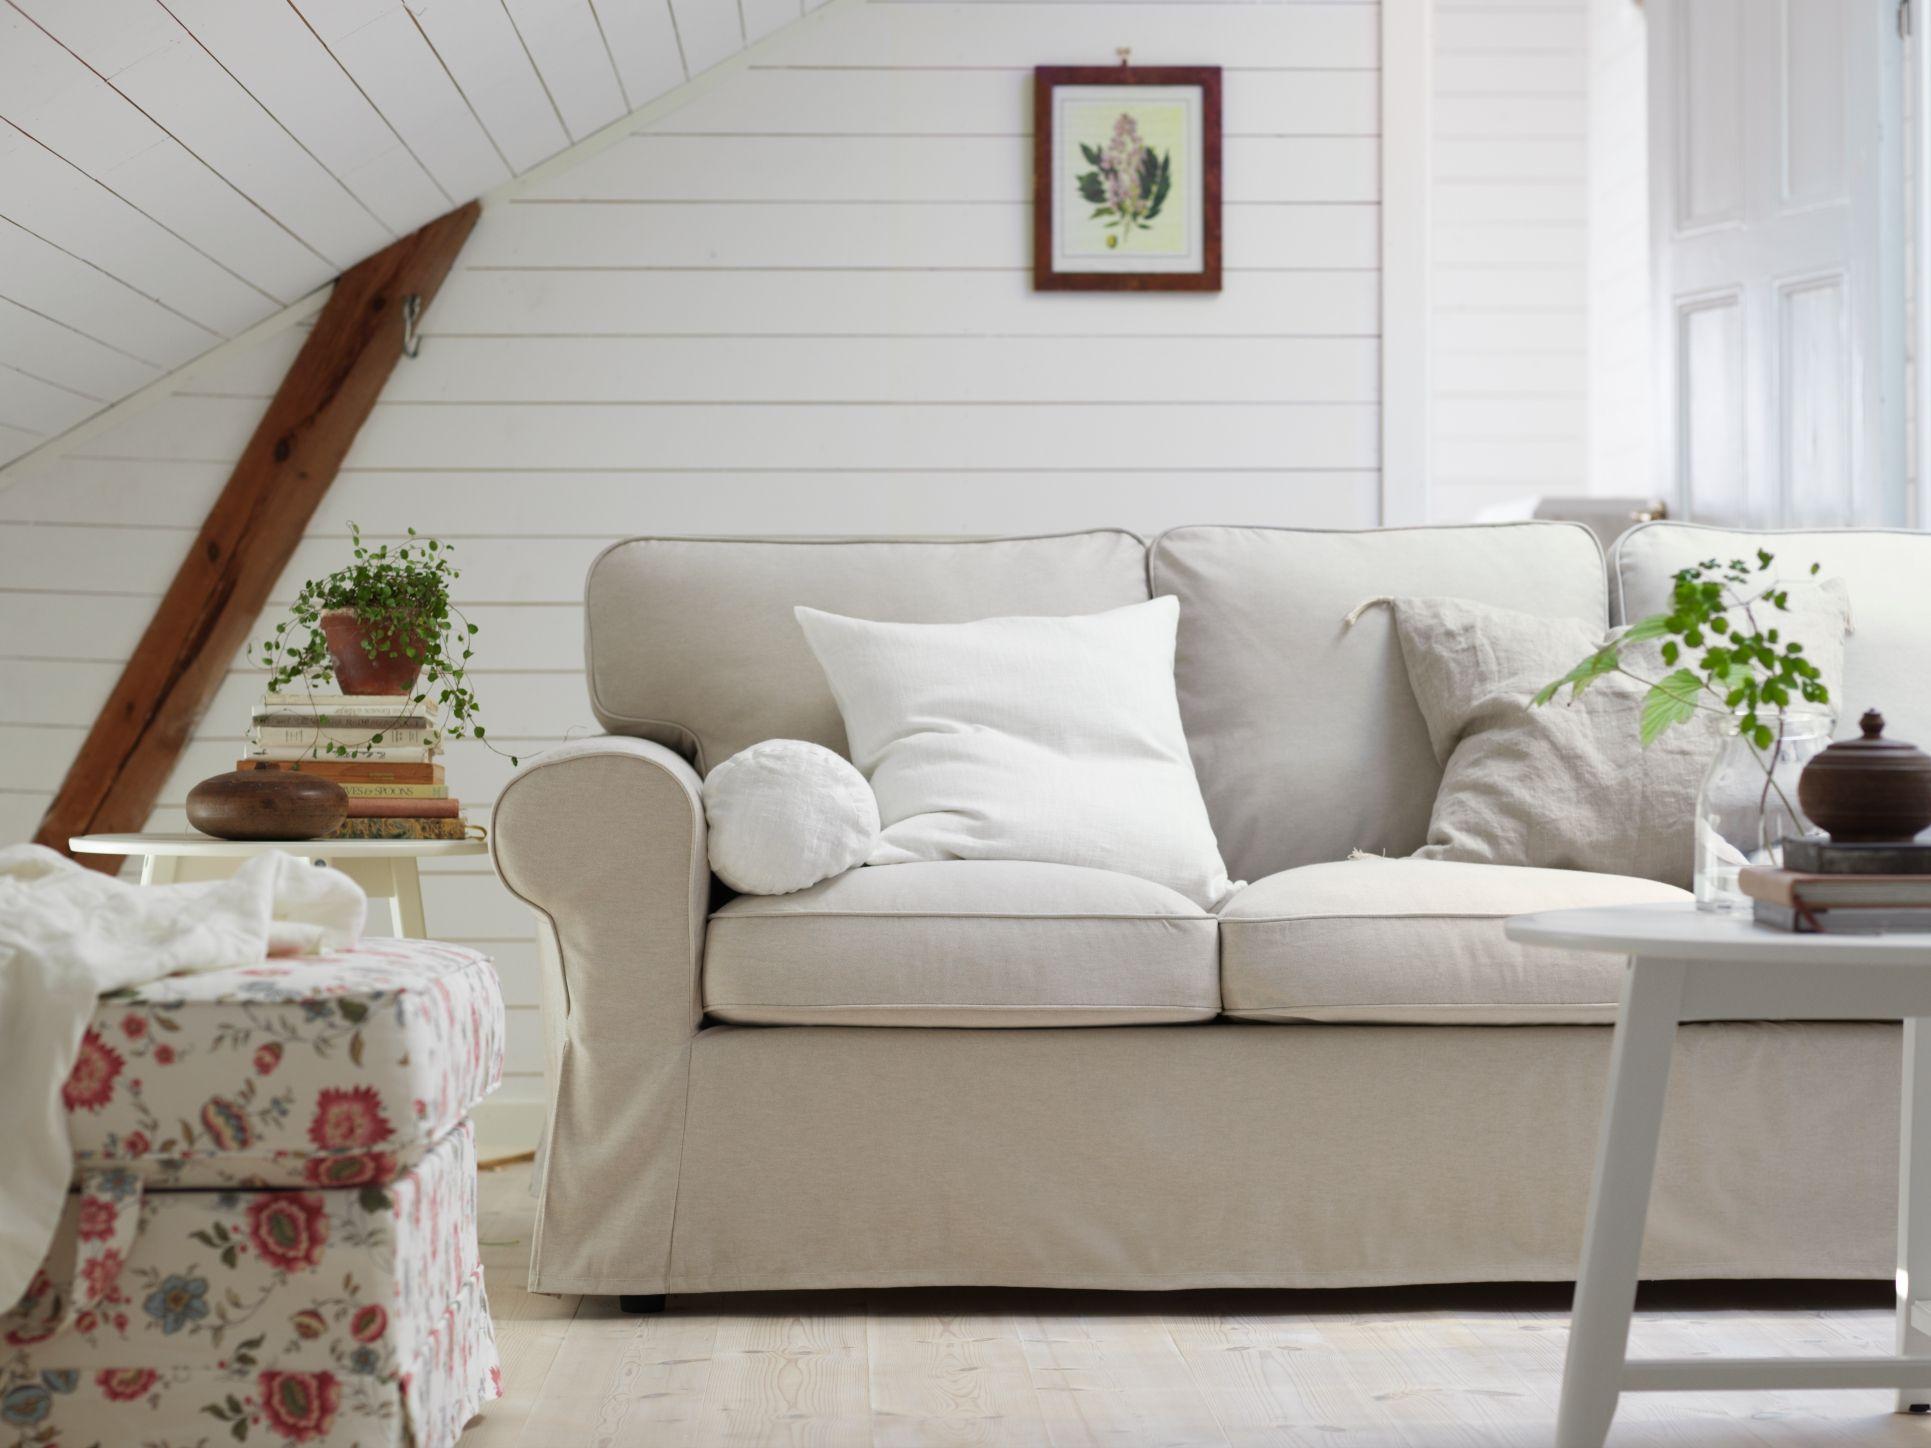 Lofallette Beige Einrichten Und Wohnen, Landhaus, Wohnzimmer, Ideen, Ikea  Stoff, Stoff